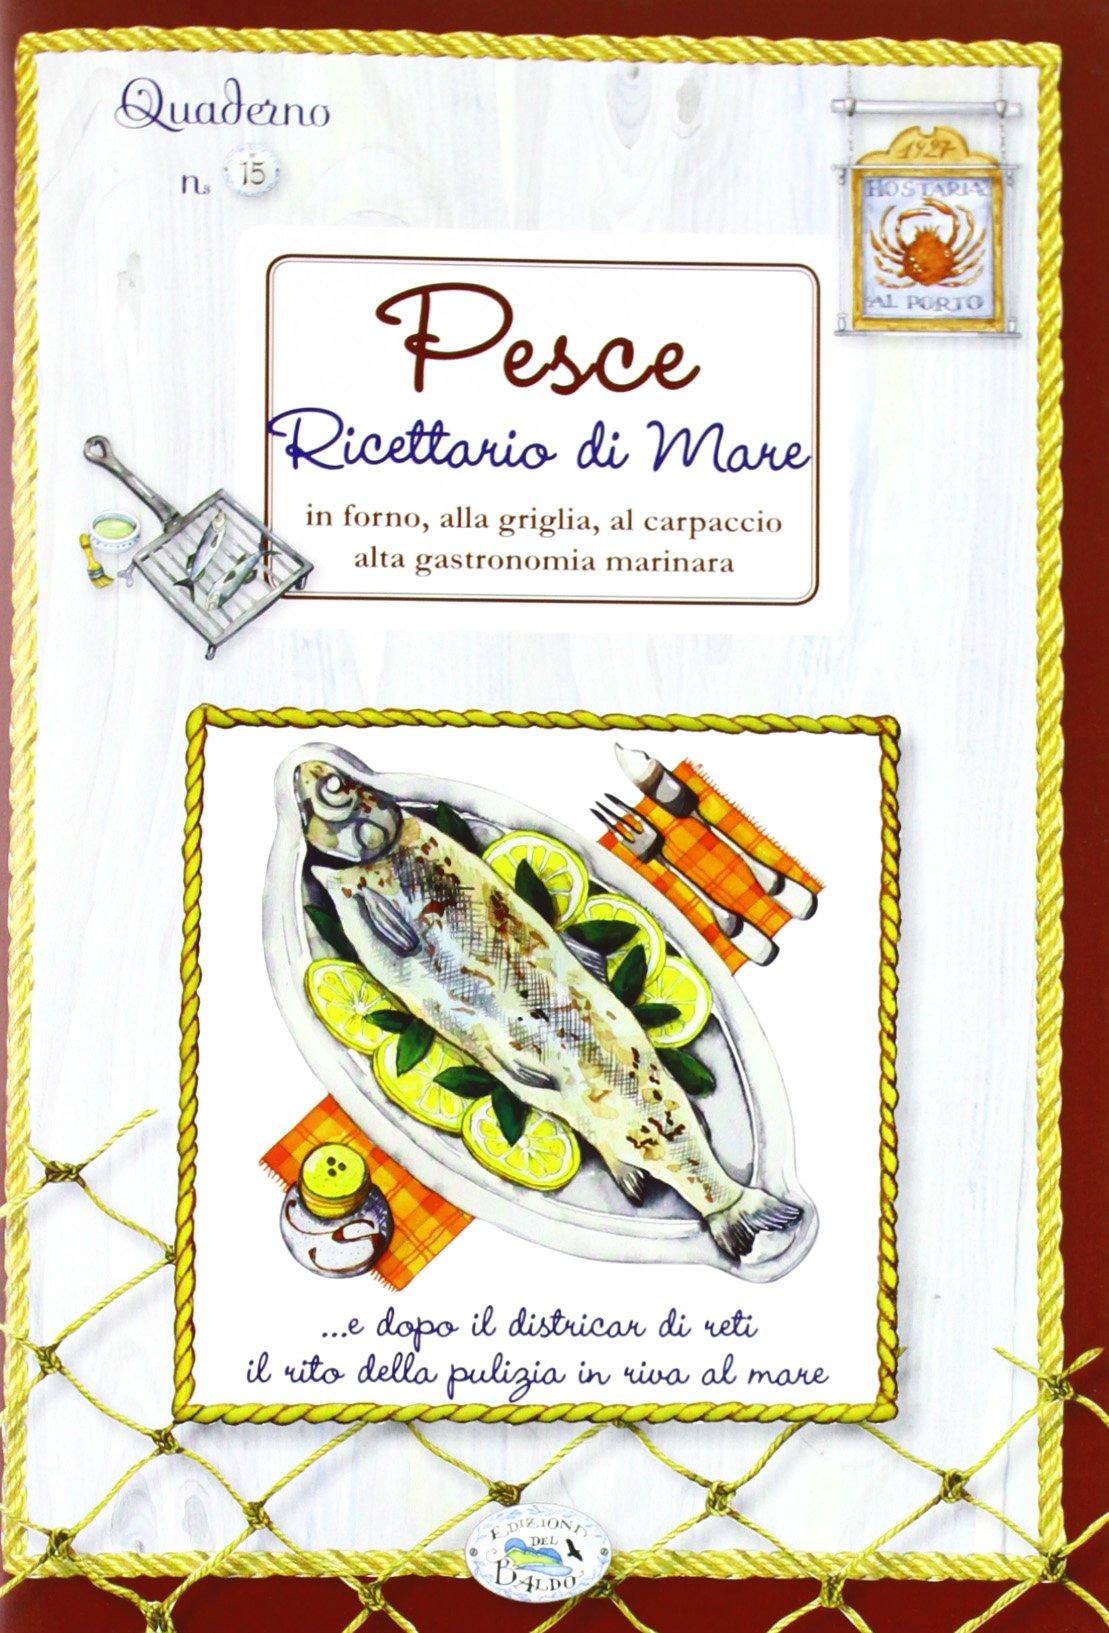 Pesce. Ricettario di mare. Quaderni di cucina